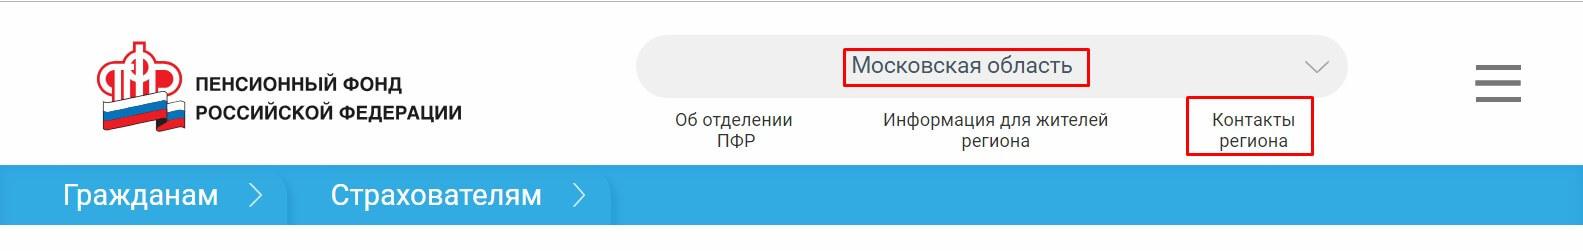 Пенсионный фонд Домодедово Московской области